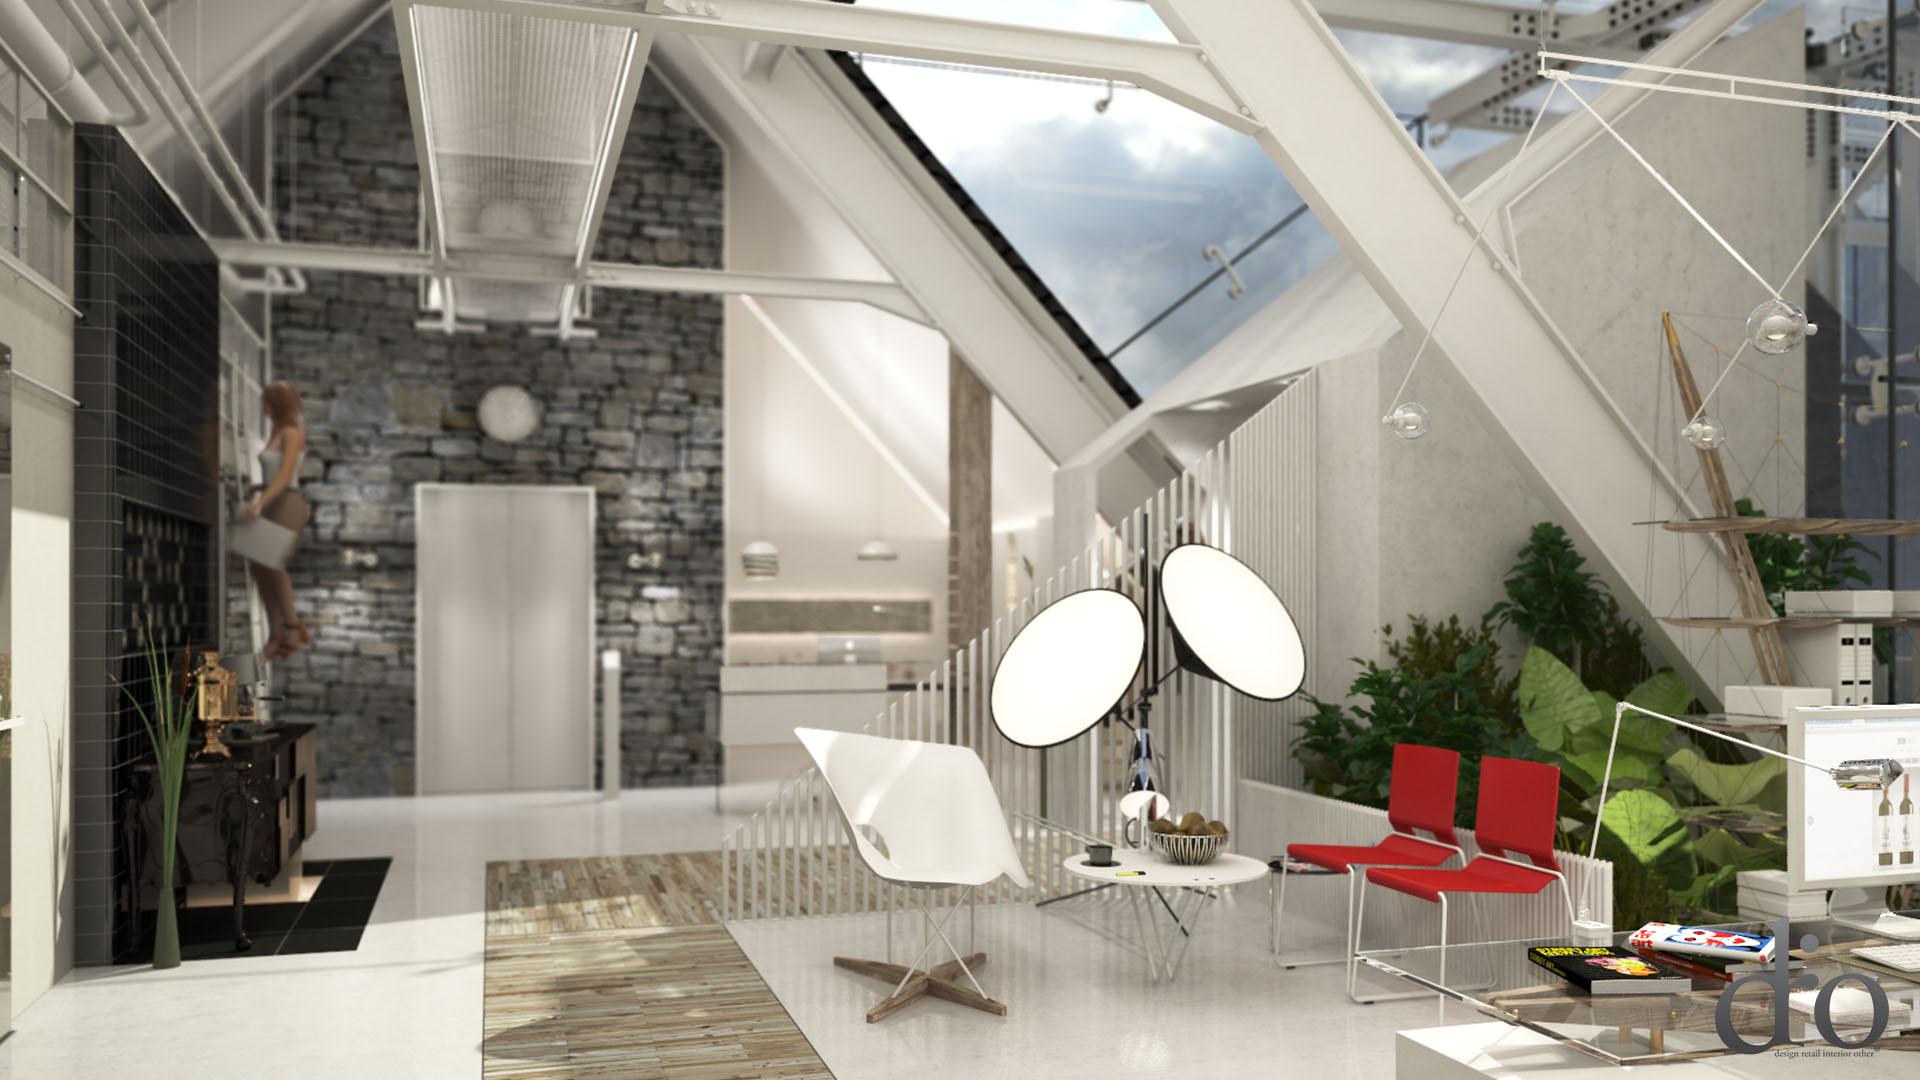 Innenarchitektur Fähigkeiten architectural cgi drio de innenarchitekt hannover